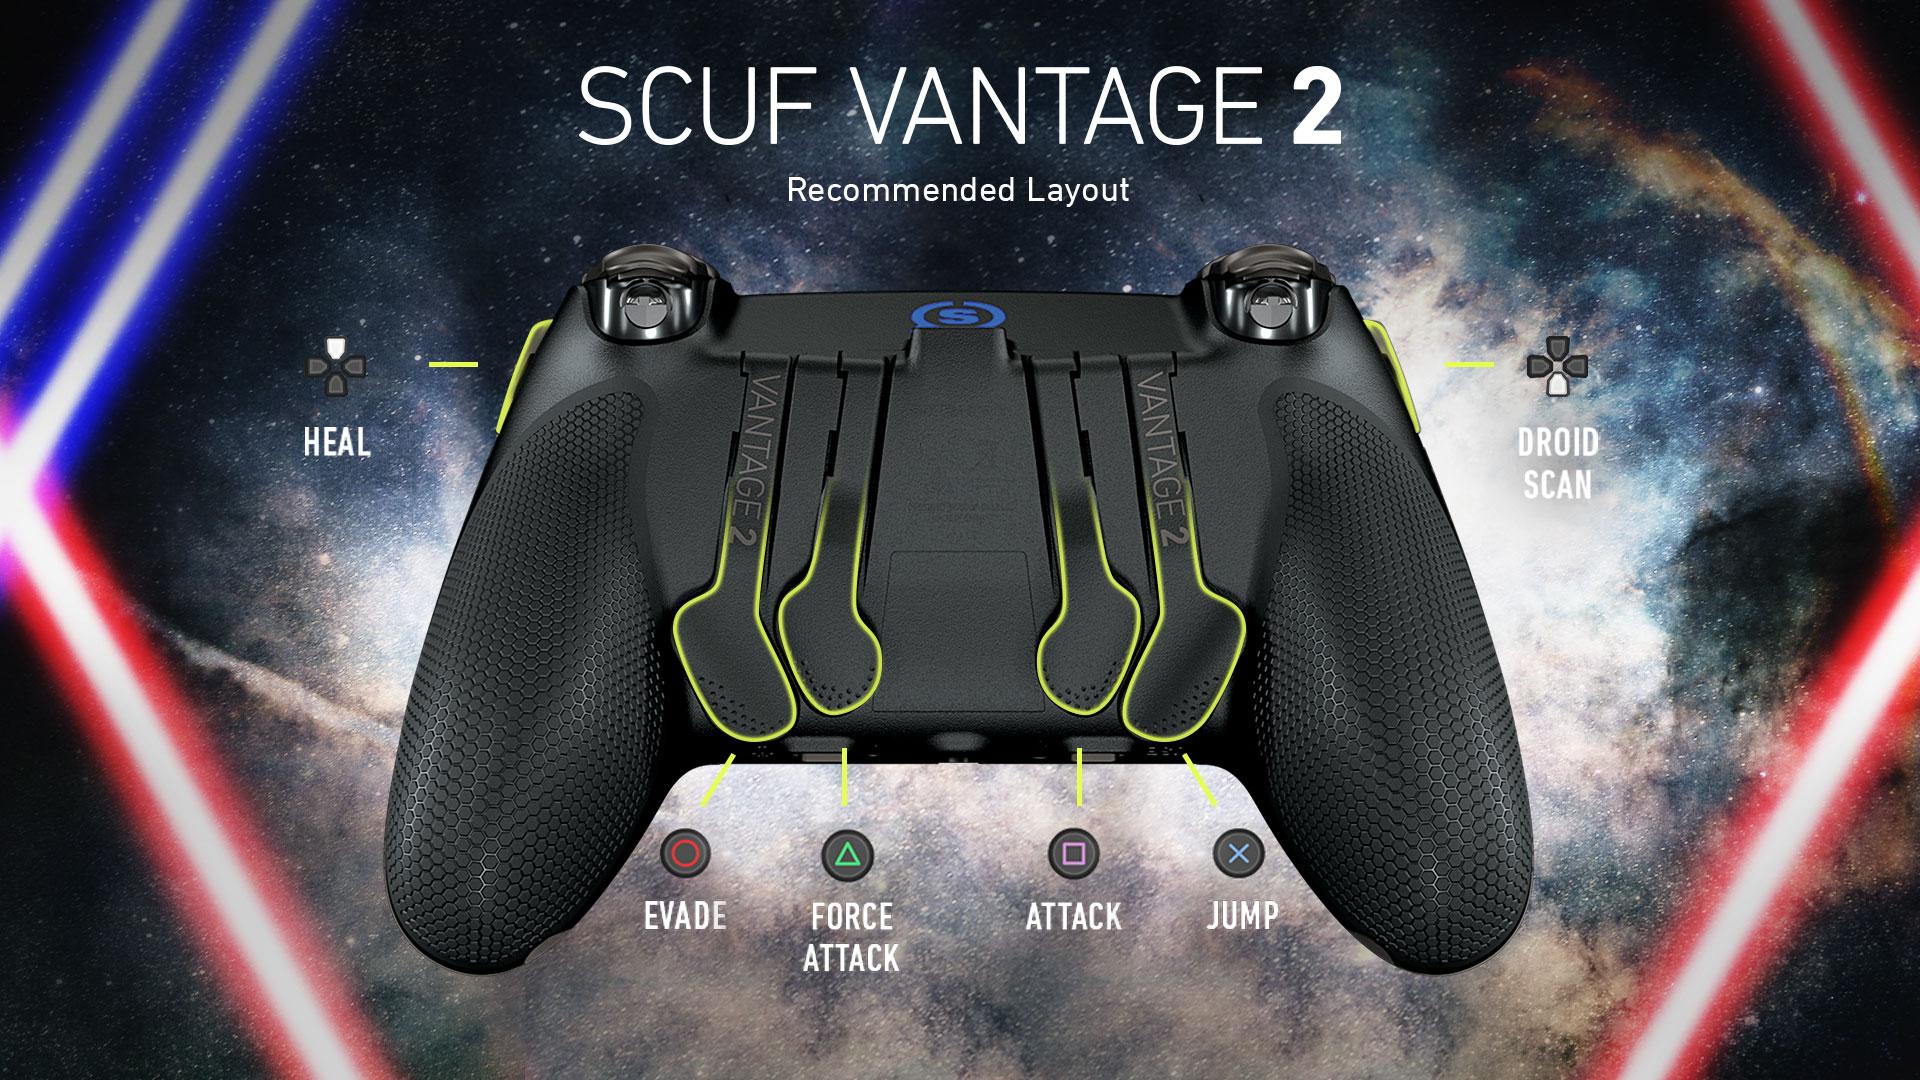 SCUF Vantage 2 Star Wars Jedi Controller Configuration